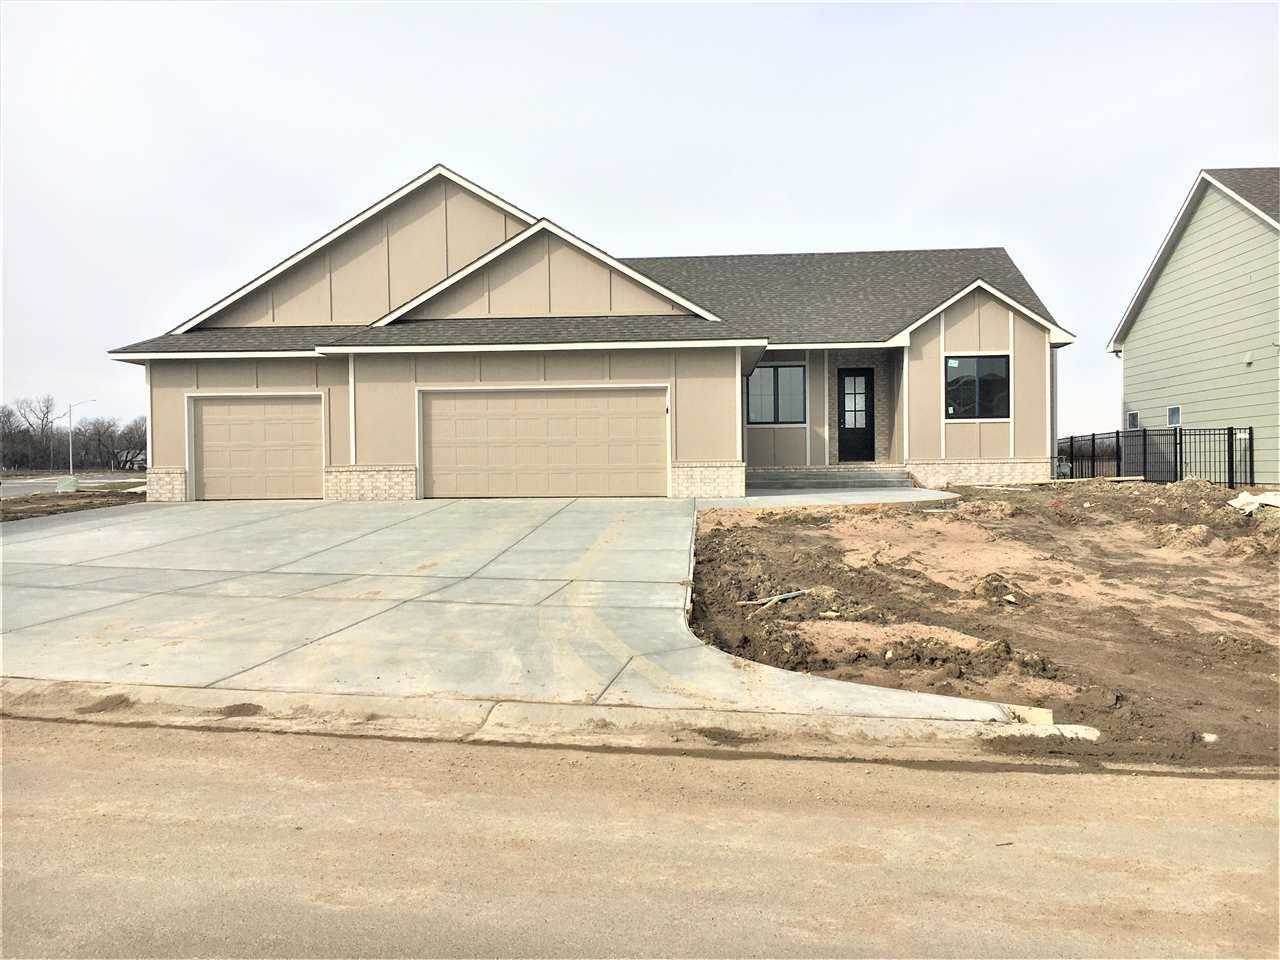 2121 S Michelle St, Wichita, KS, 67207